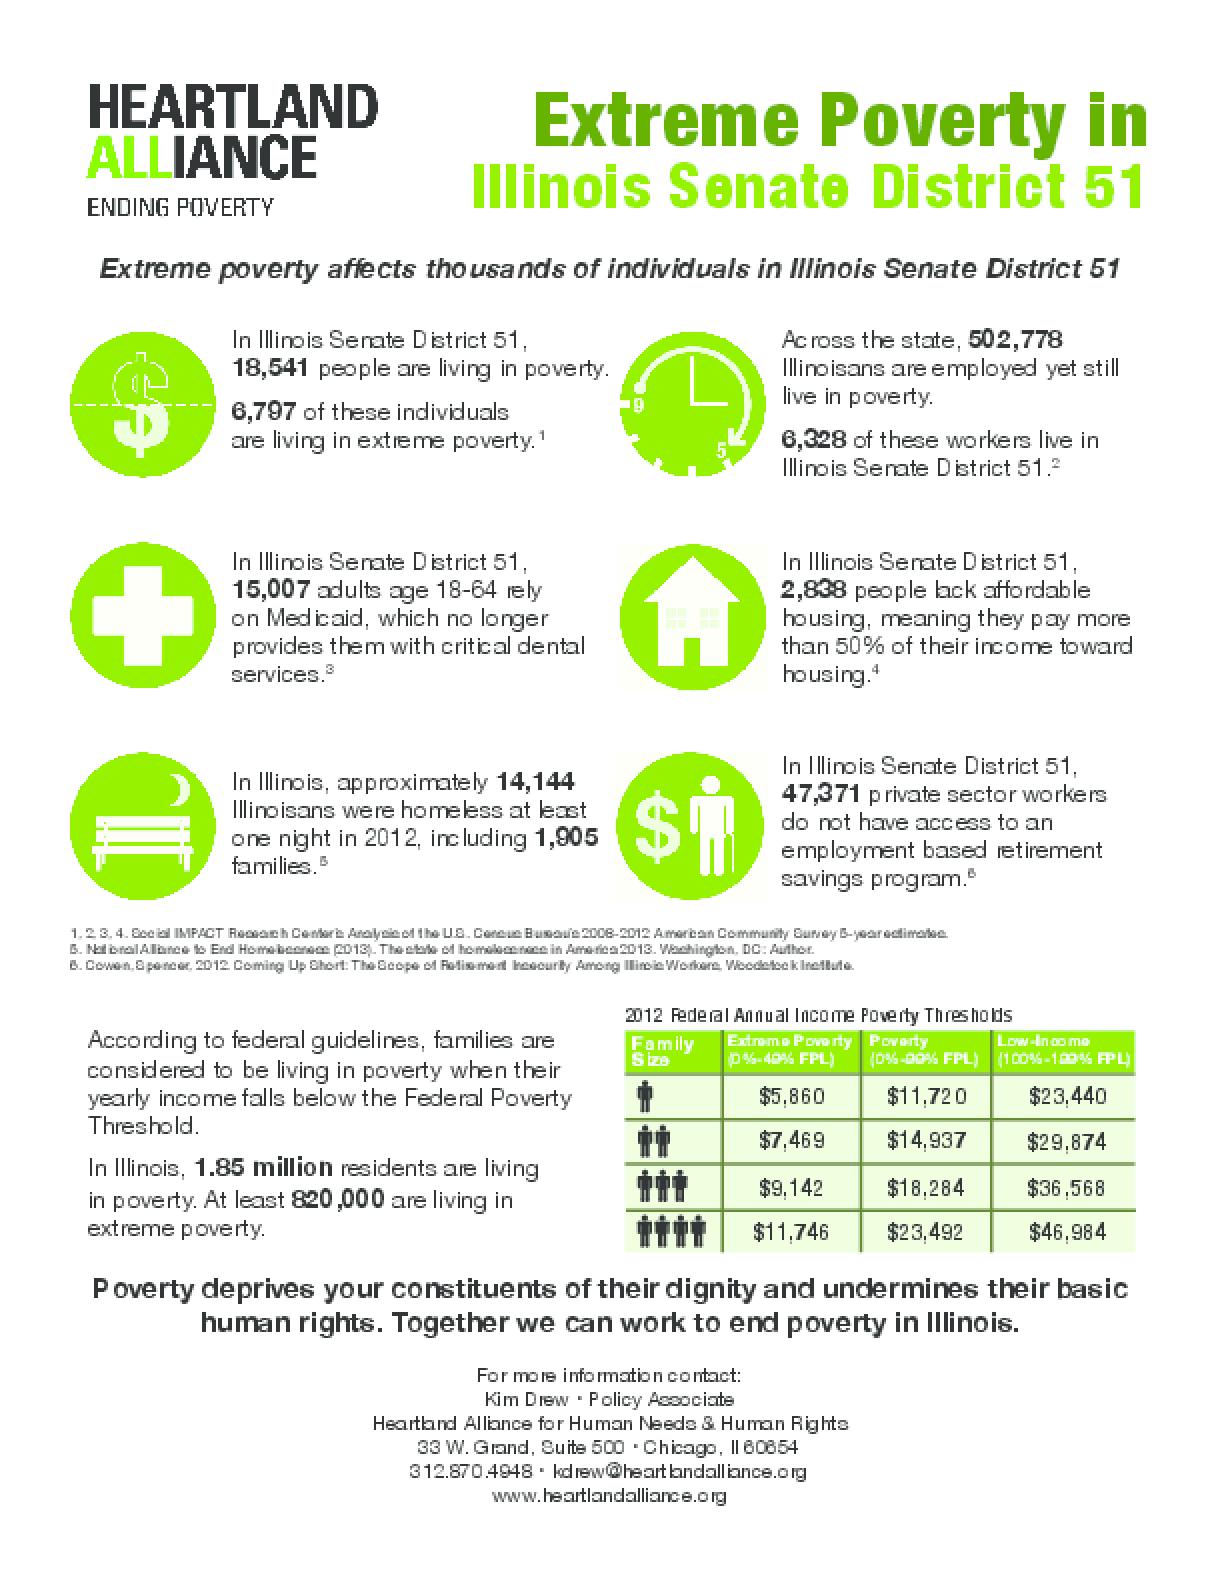 Poverty Fact Sheet for Illinois Senate District 51